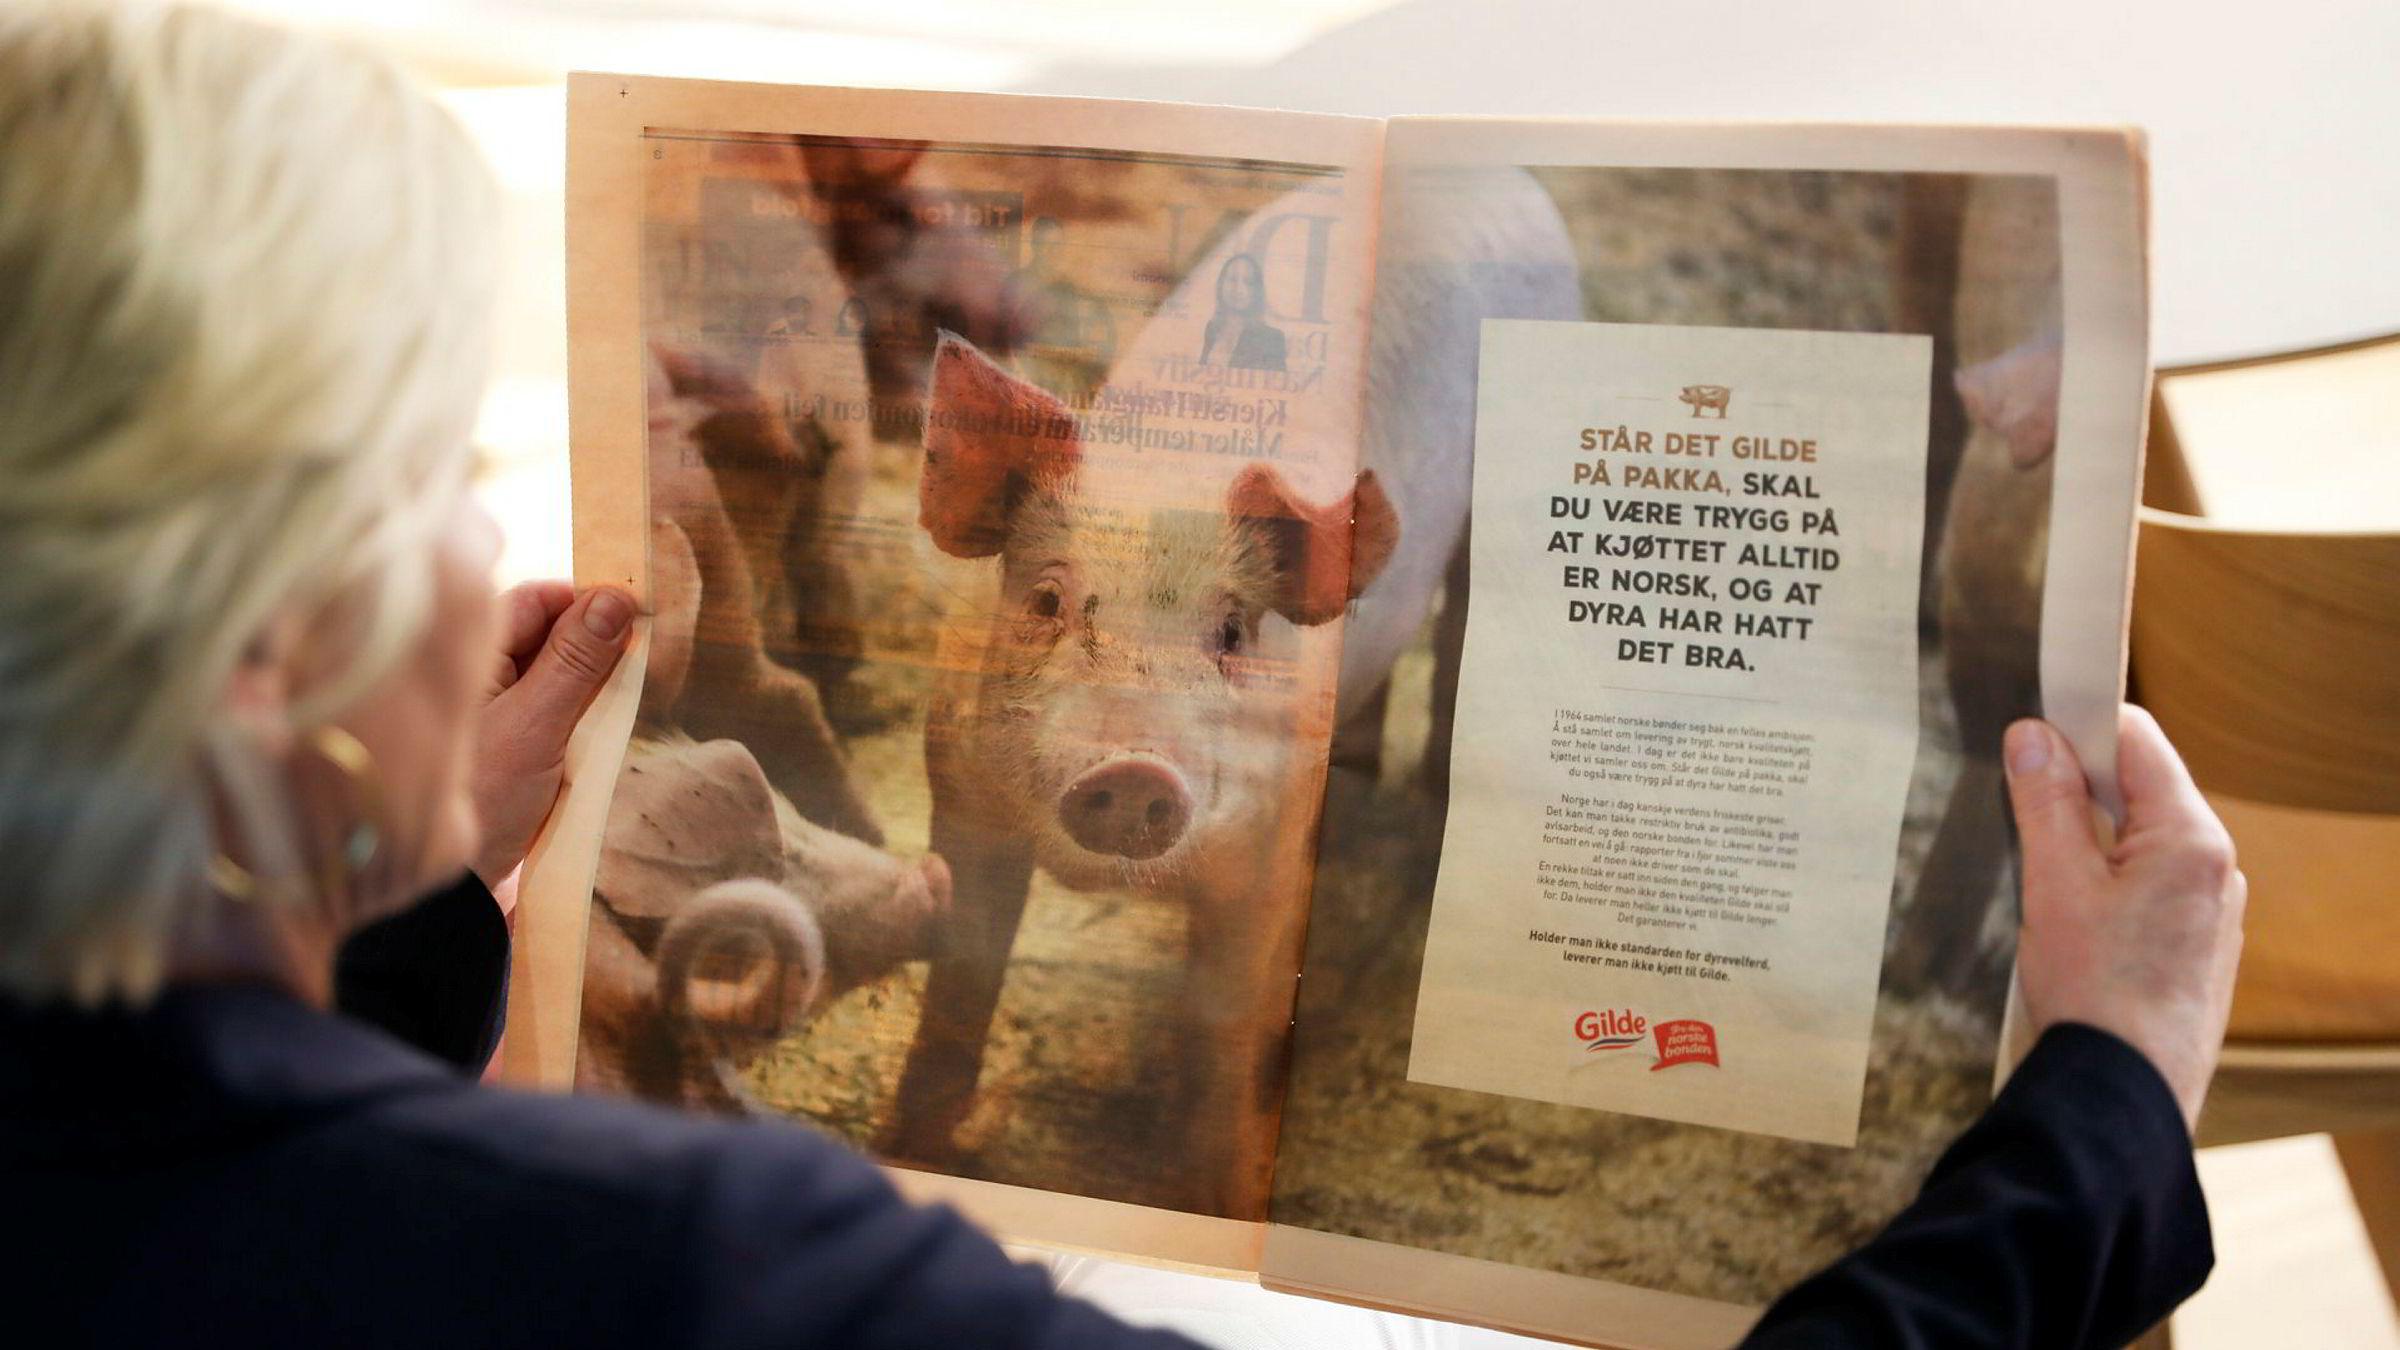 Flere forbrukere ble provosert av annonsen for norsk svinekjøtt etter at NRK sendte sjokkdokumentaren «Griseindustriens hemmeligheter»